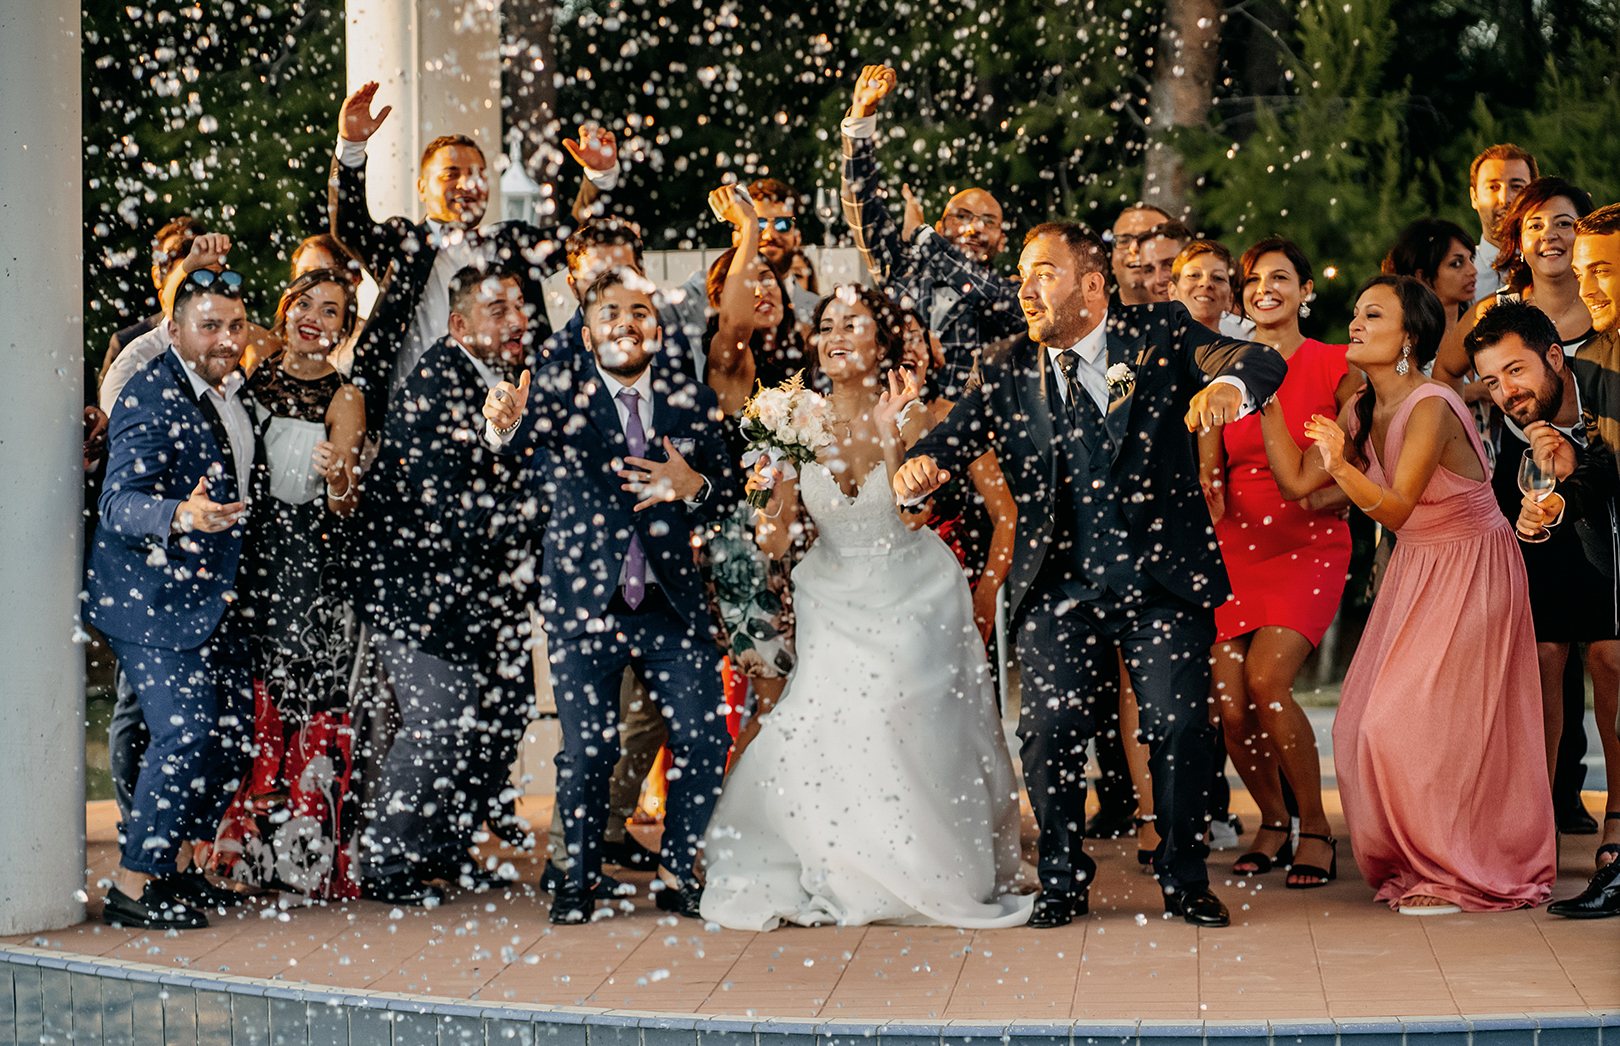 33 gianni-lepore-foto-amici-sposi-